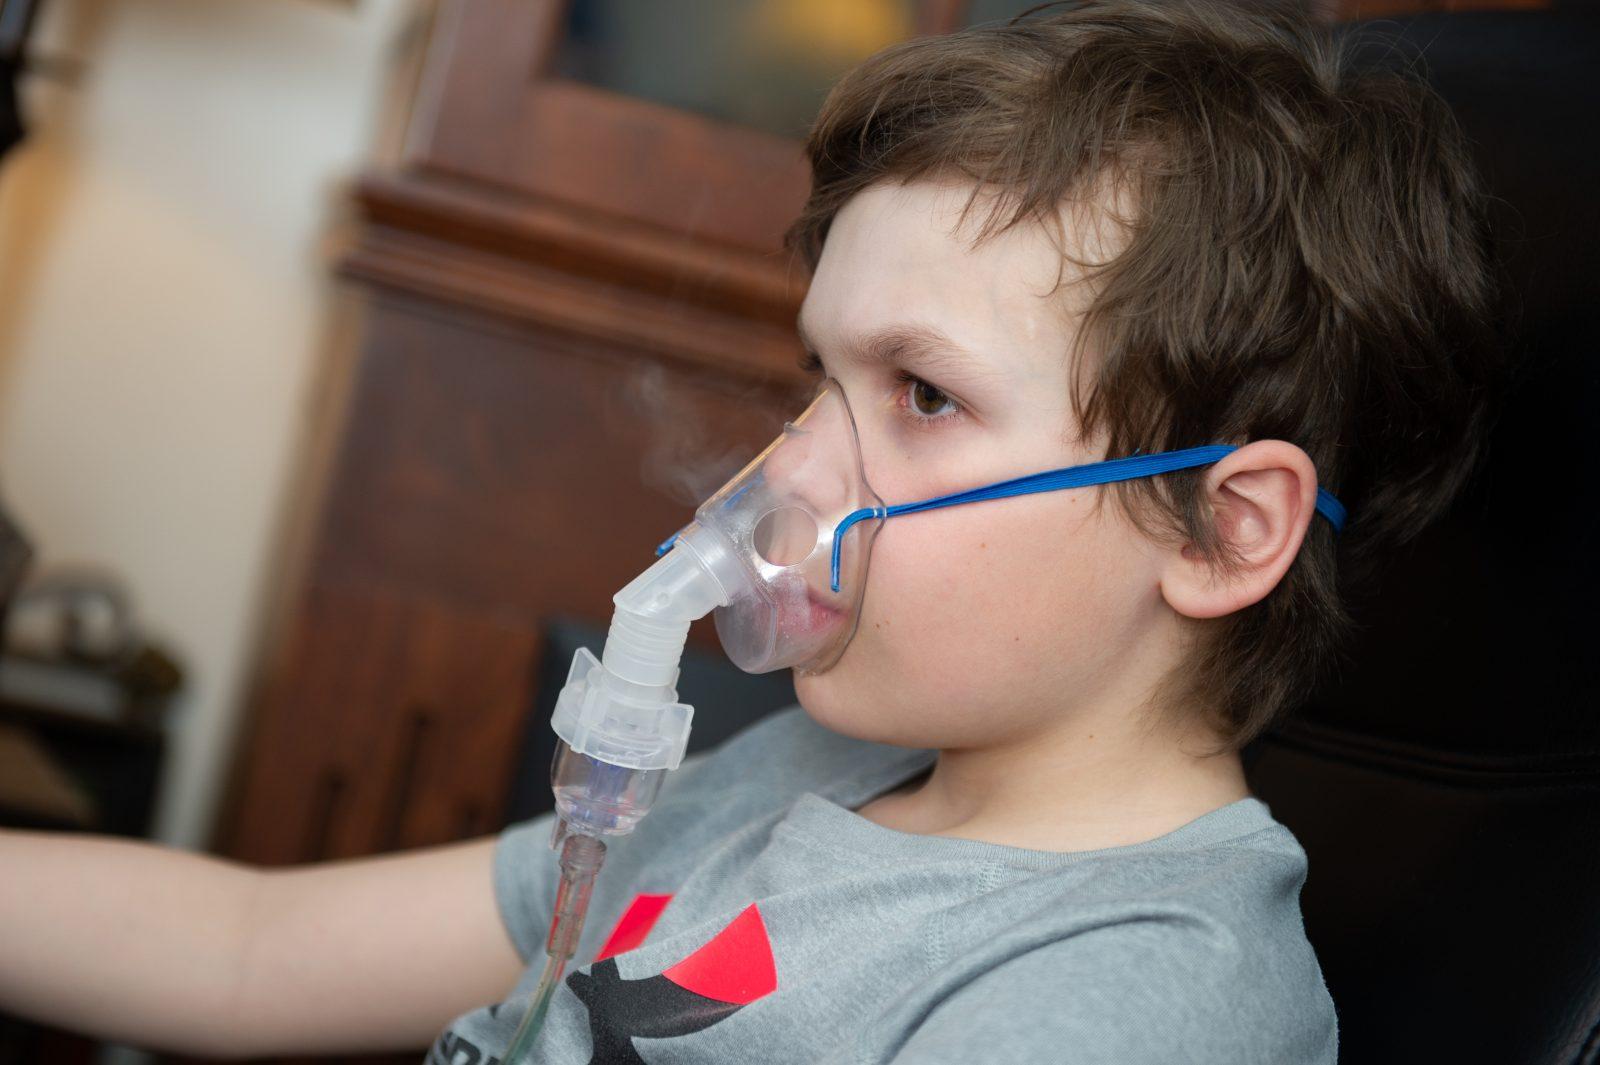 Fibrose kystique : Le combat d'une vie